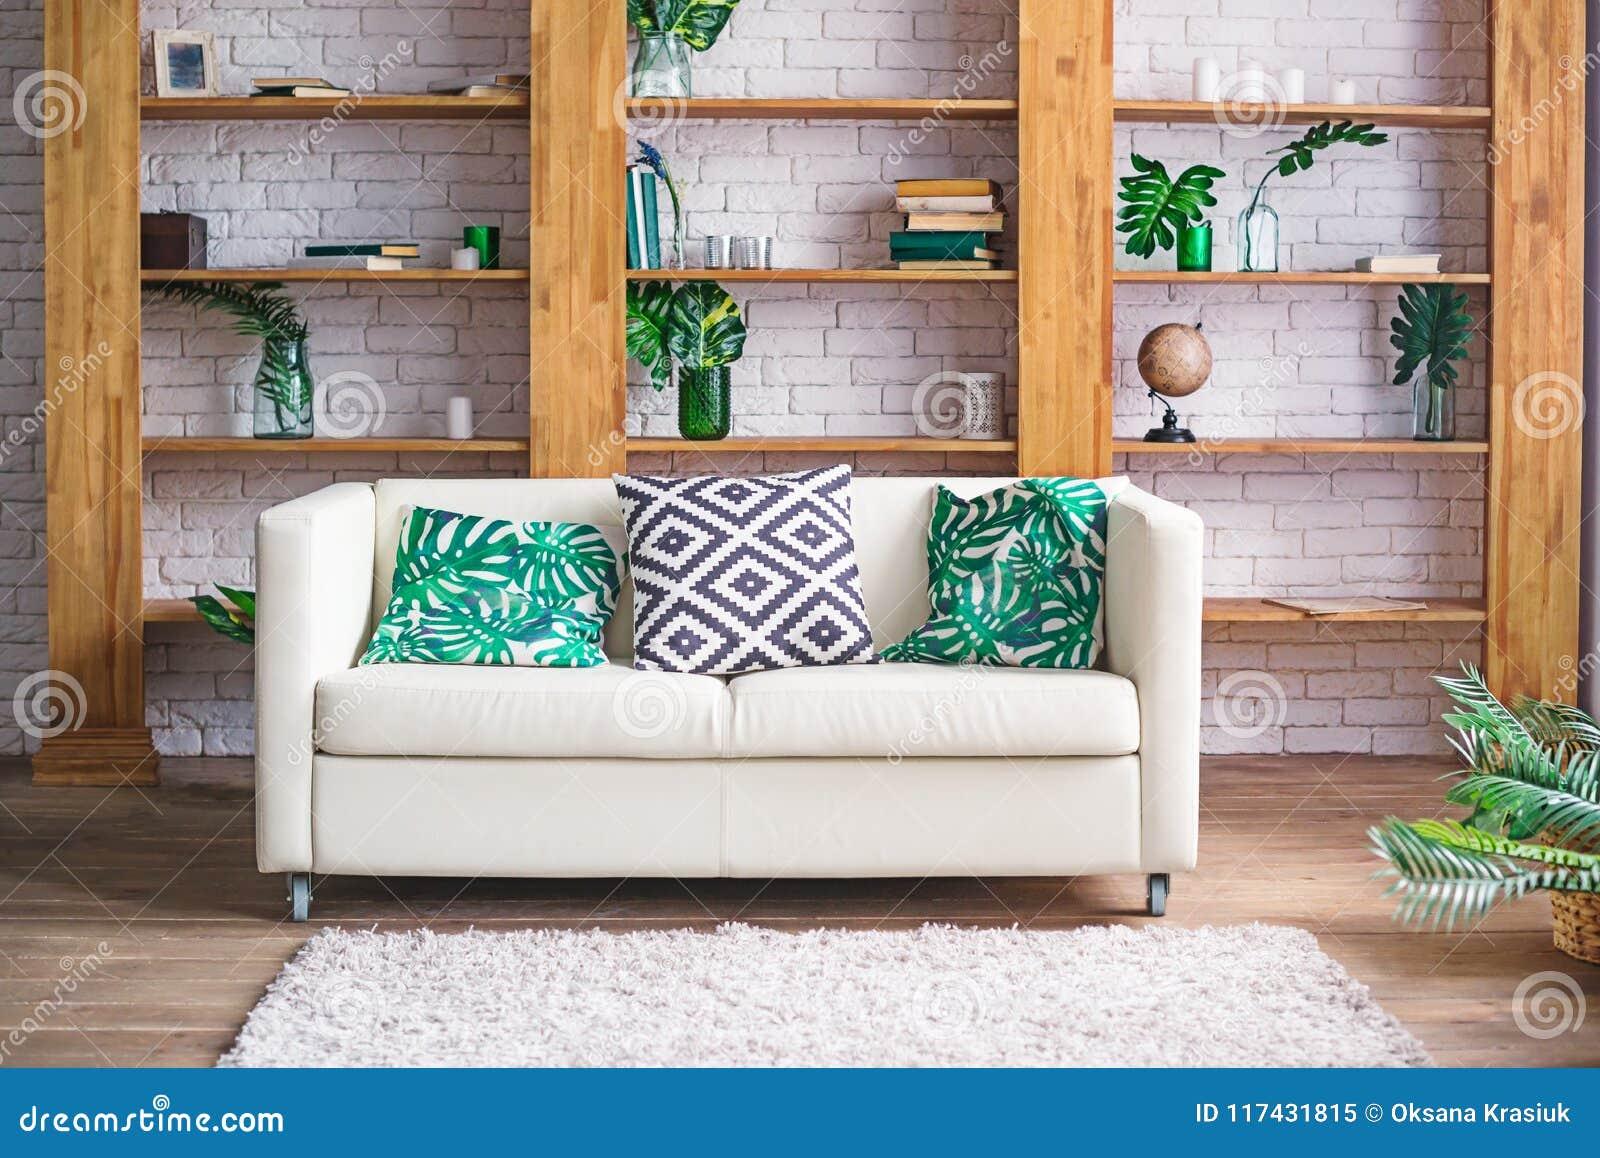 Уютная светлая комната с заводами, белой софой и стильной мебелью в скандинавском стиле Концепция интерьера живущей комнаты Селек